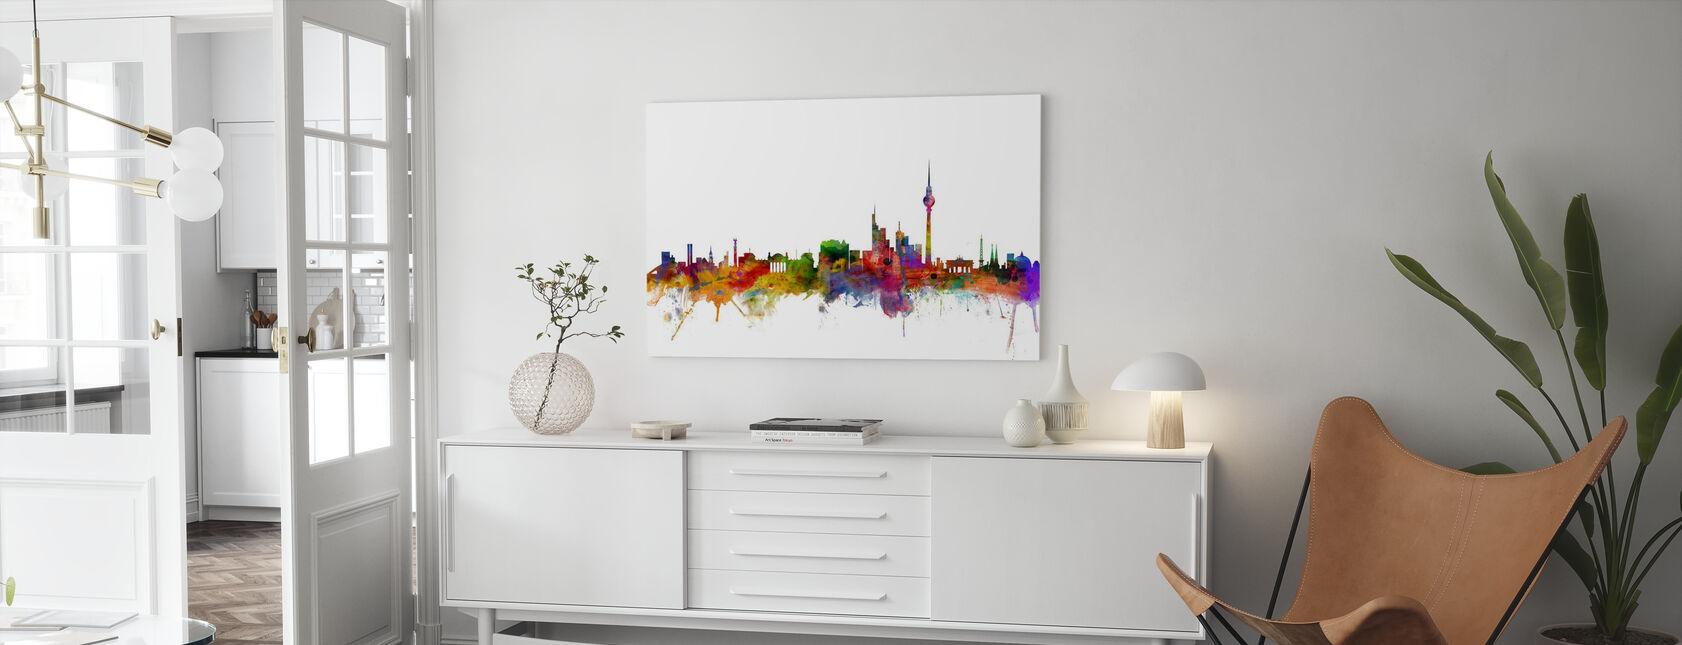 Berlin Skyline - Leinwandbild - Wohnzimmer